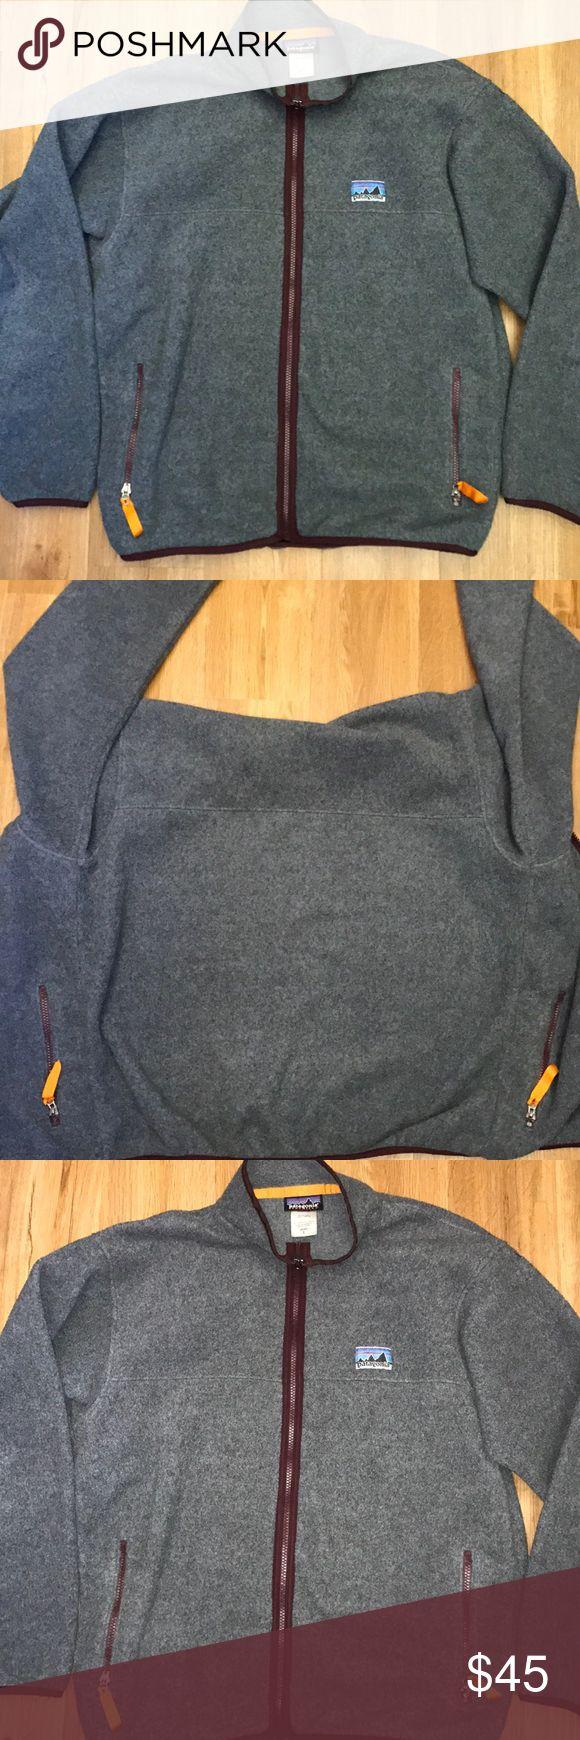 Patagonia synchilla gray full zipped jacket L Patagonia synchilla jacket size L Patagonia Jackets & Coats